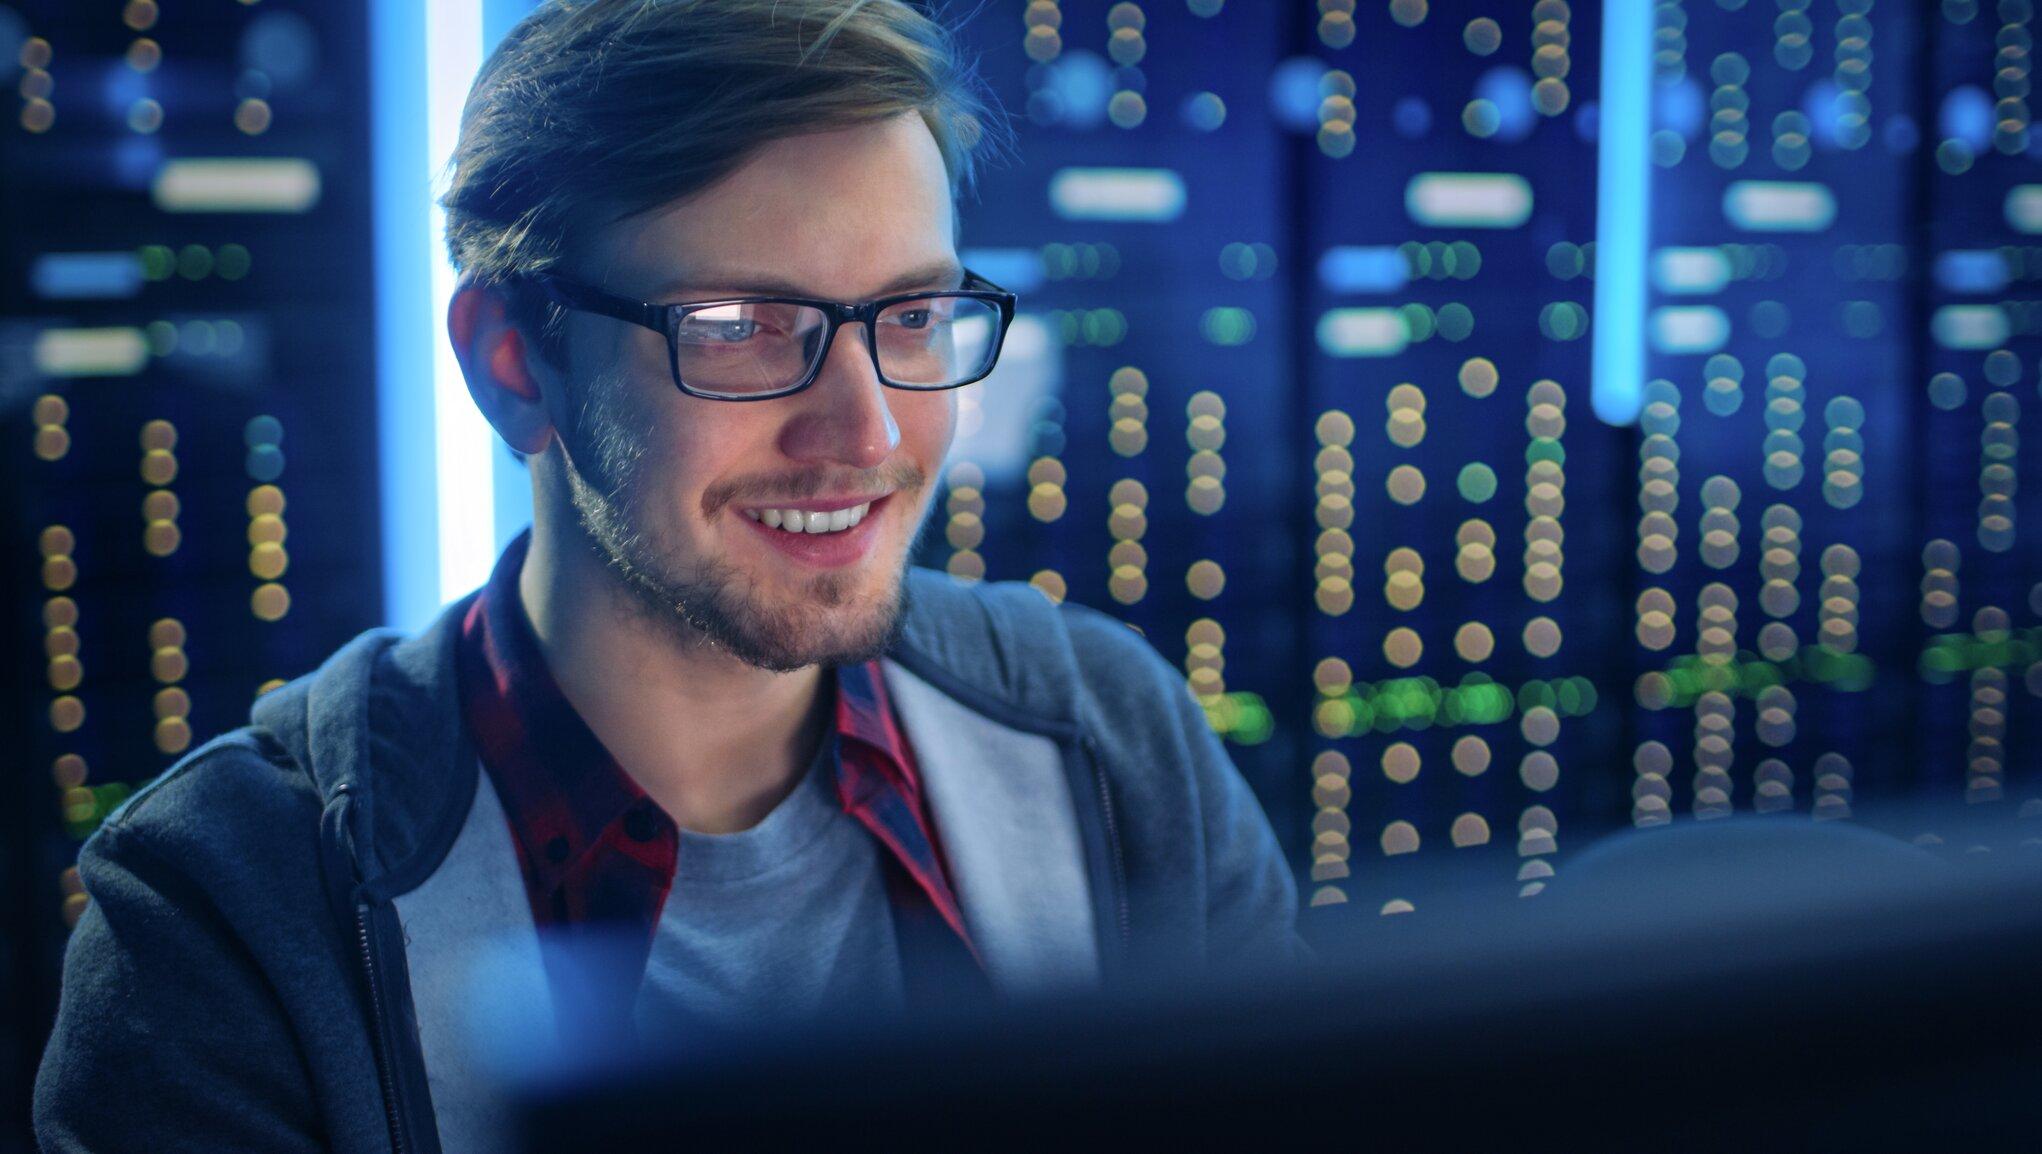 Det er vigtigt, at du beskytter din virksomhed mod hackere, malware, phishing og ransomware